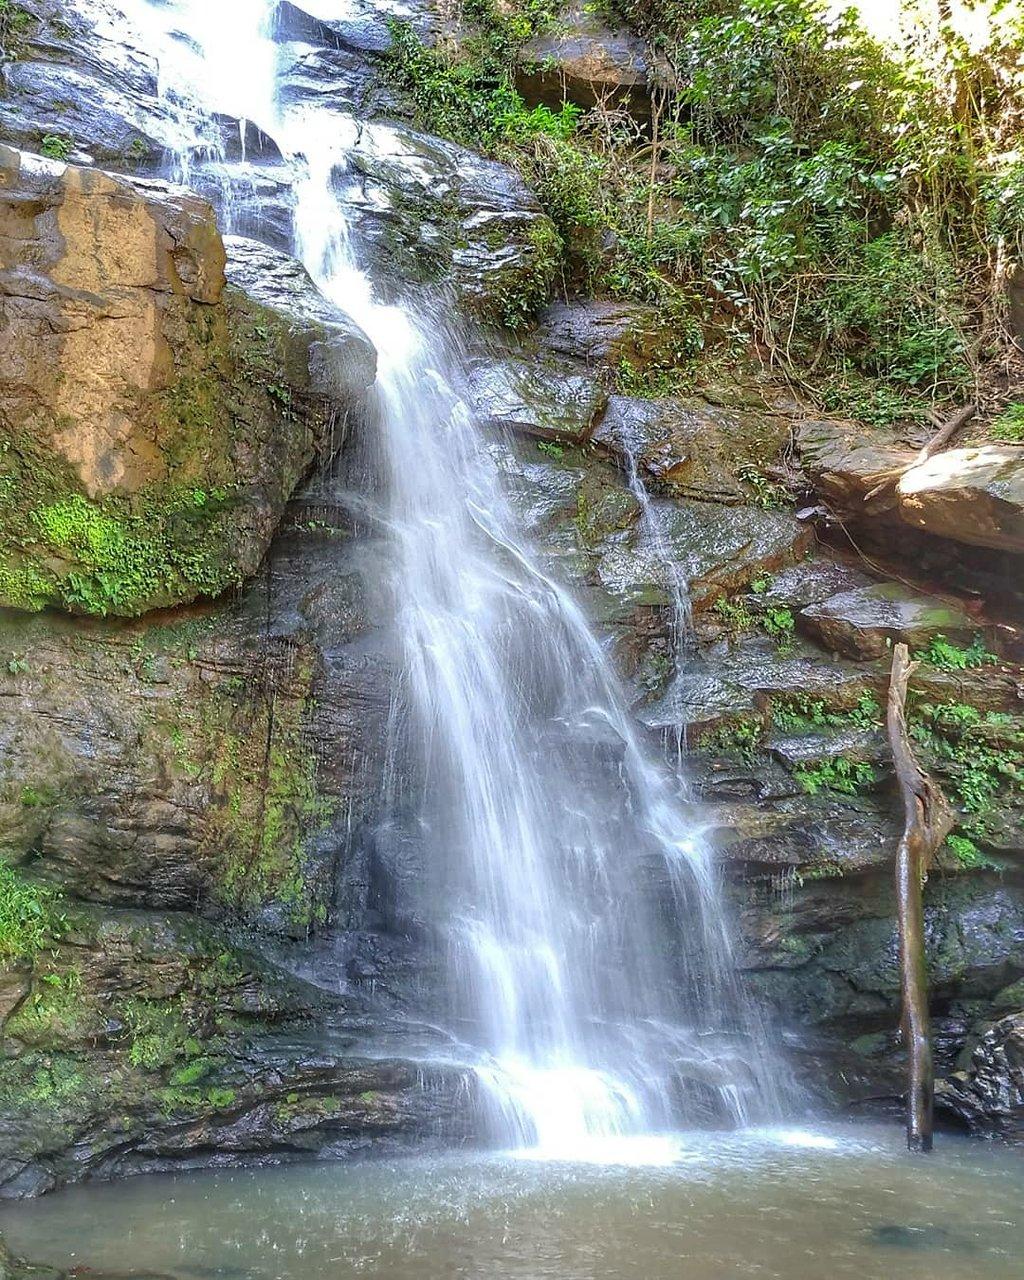 Argirita Minas Gerais fonte: media-cdn.tripadvisor.com